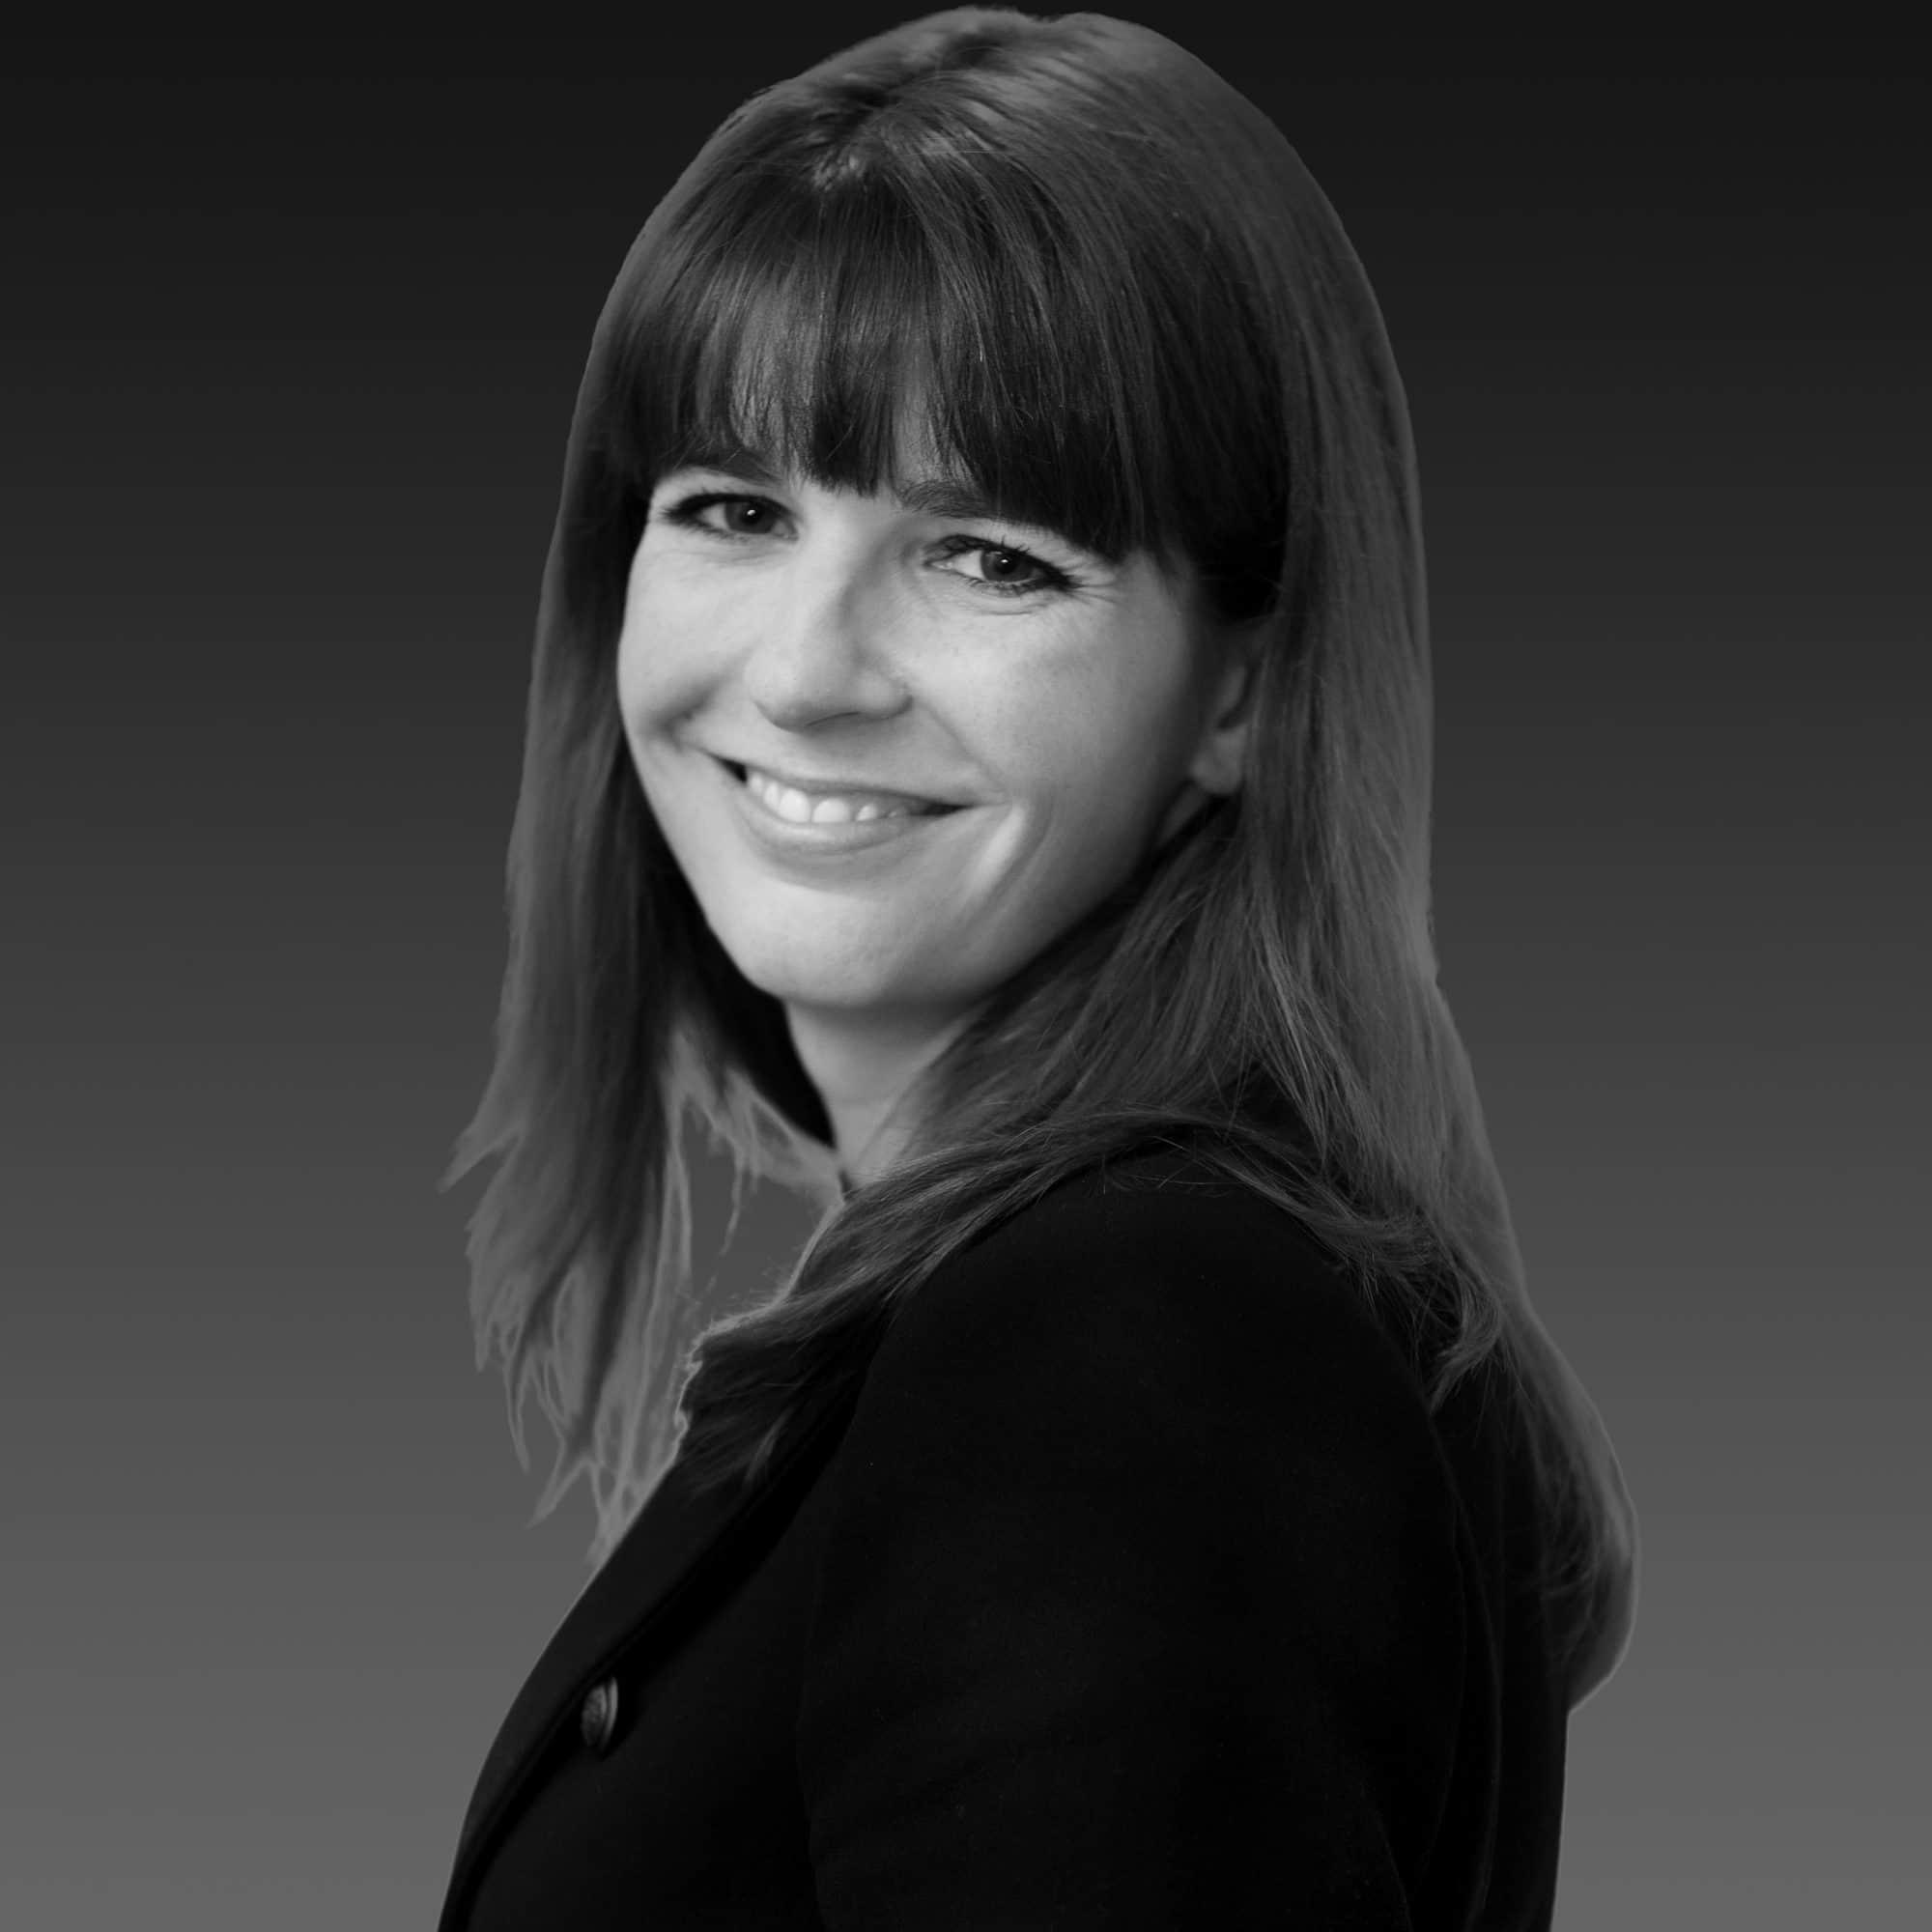 Emilie Pichon